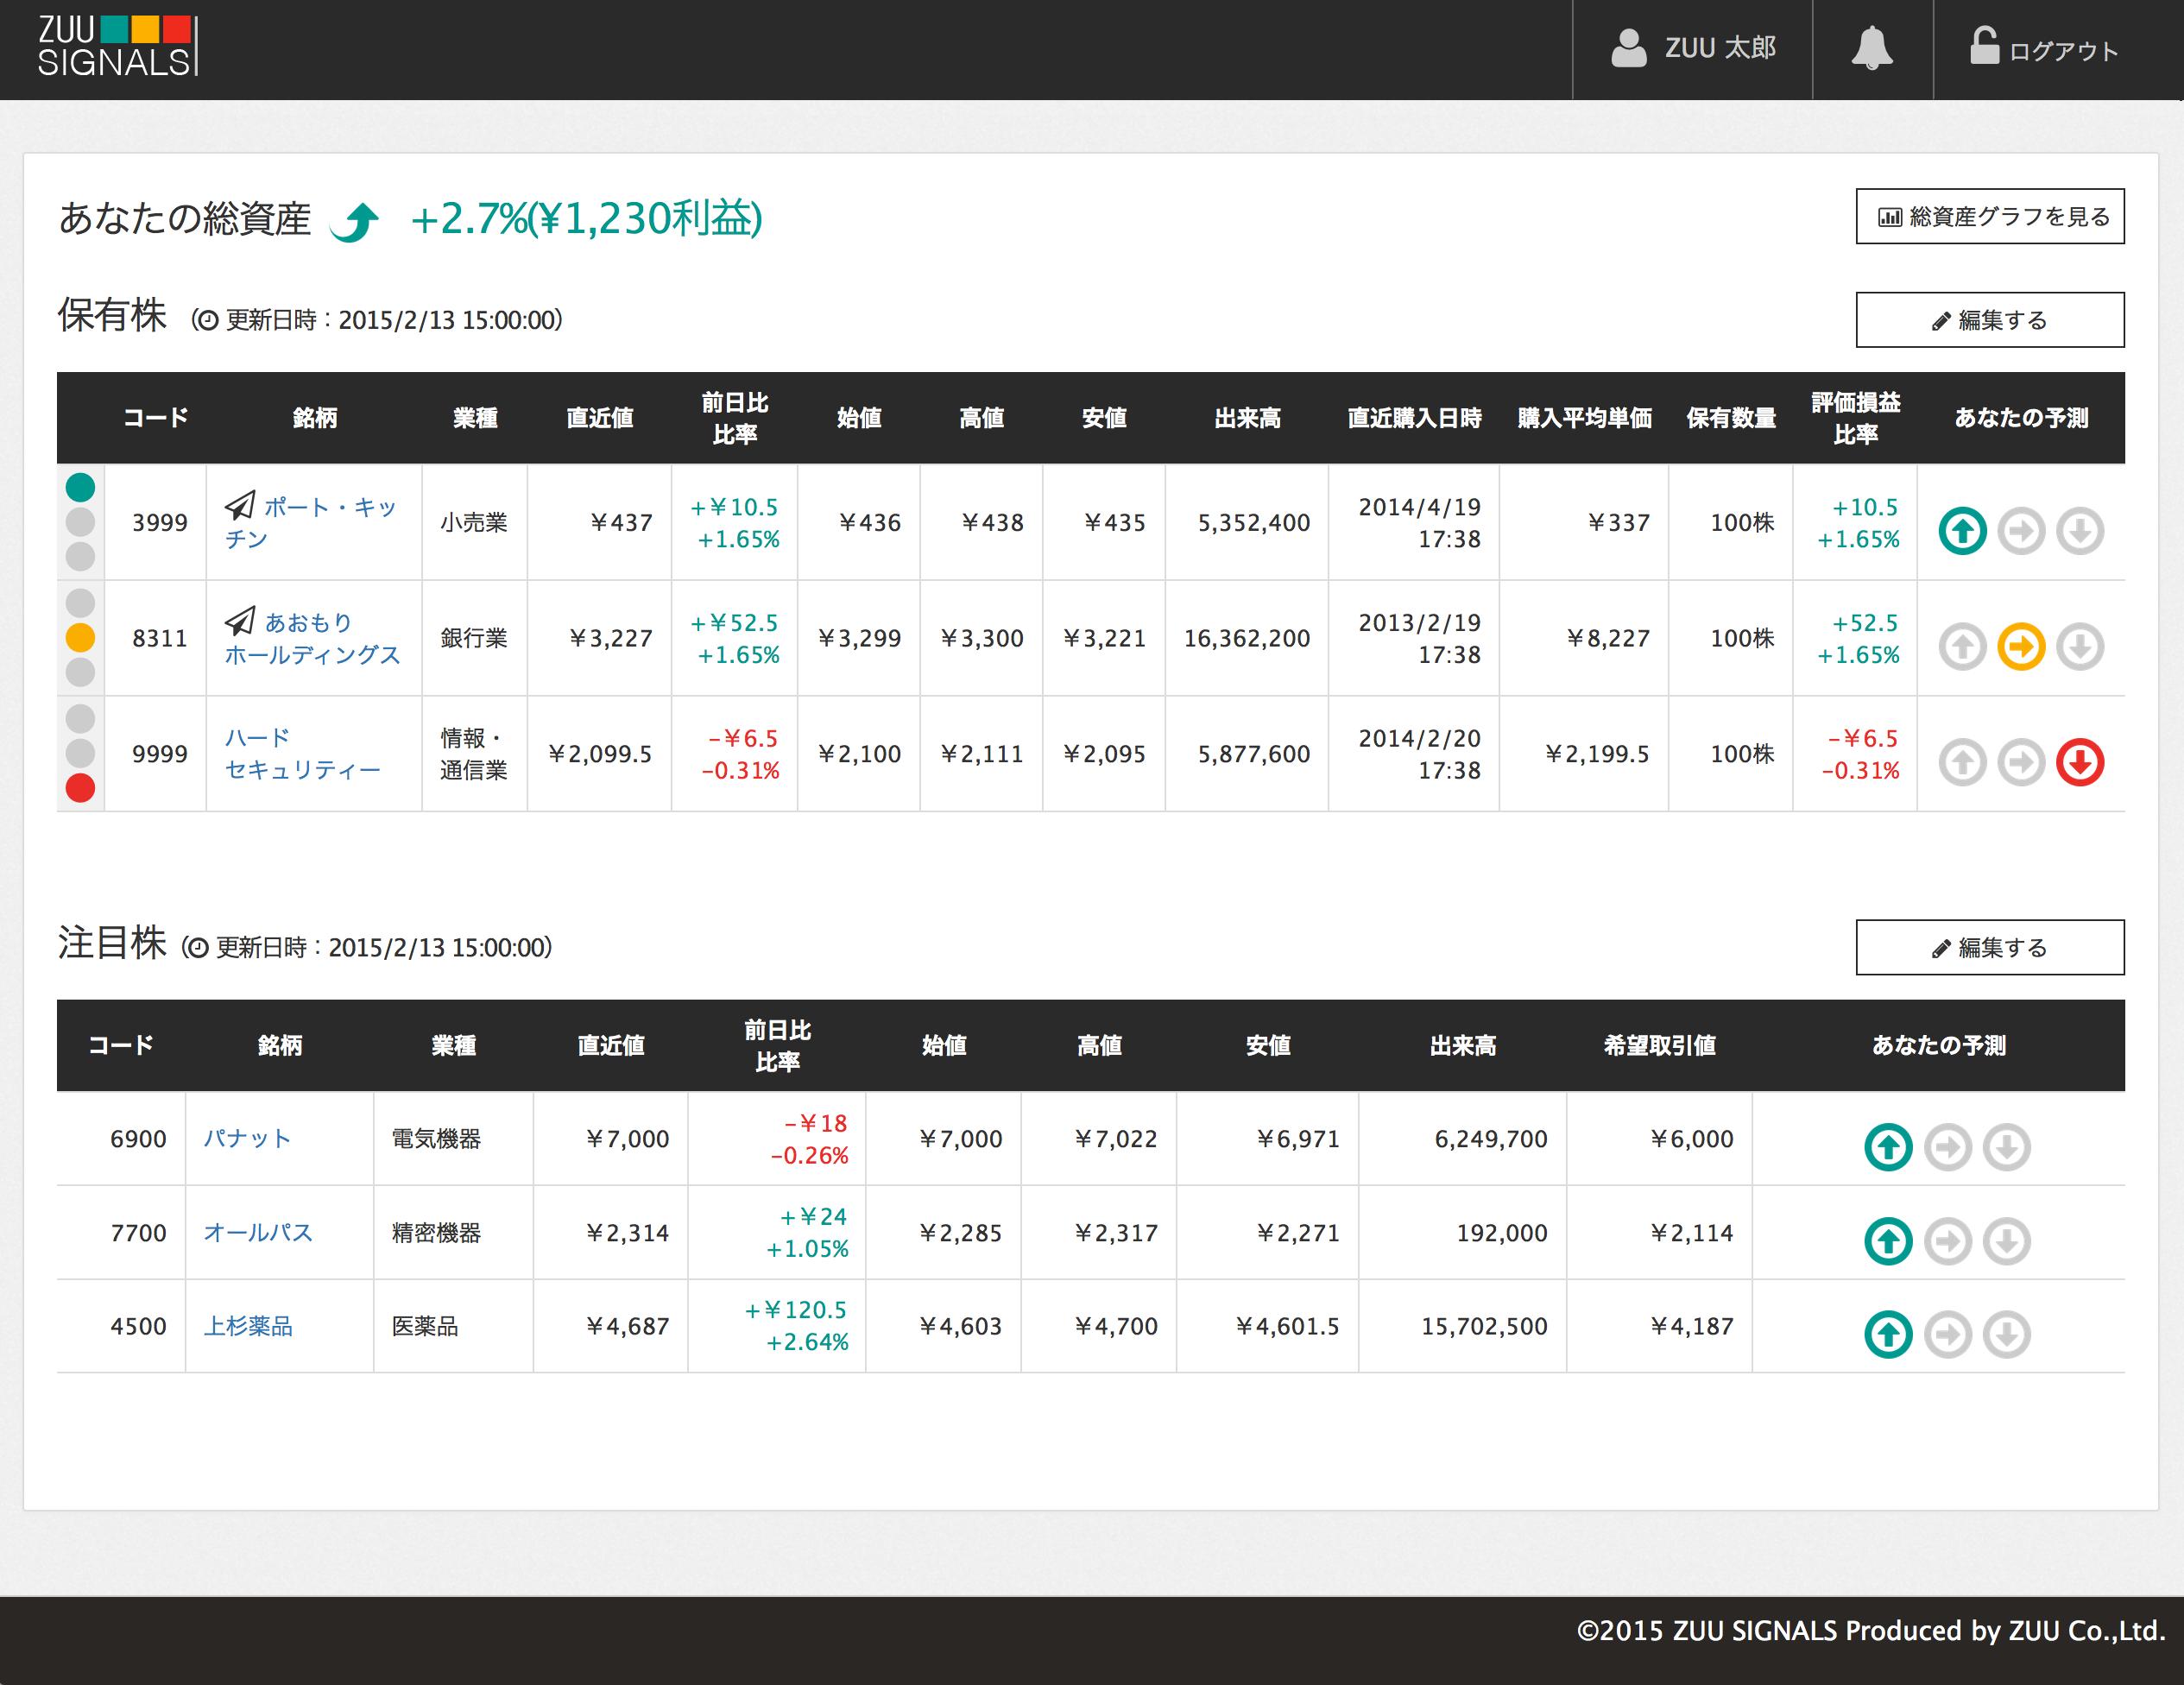 保有株状態をわかりやすく『赤・青・黄』で表示、個人投資家向け『ZUU Signals』